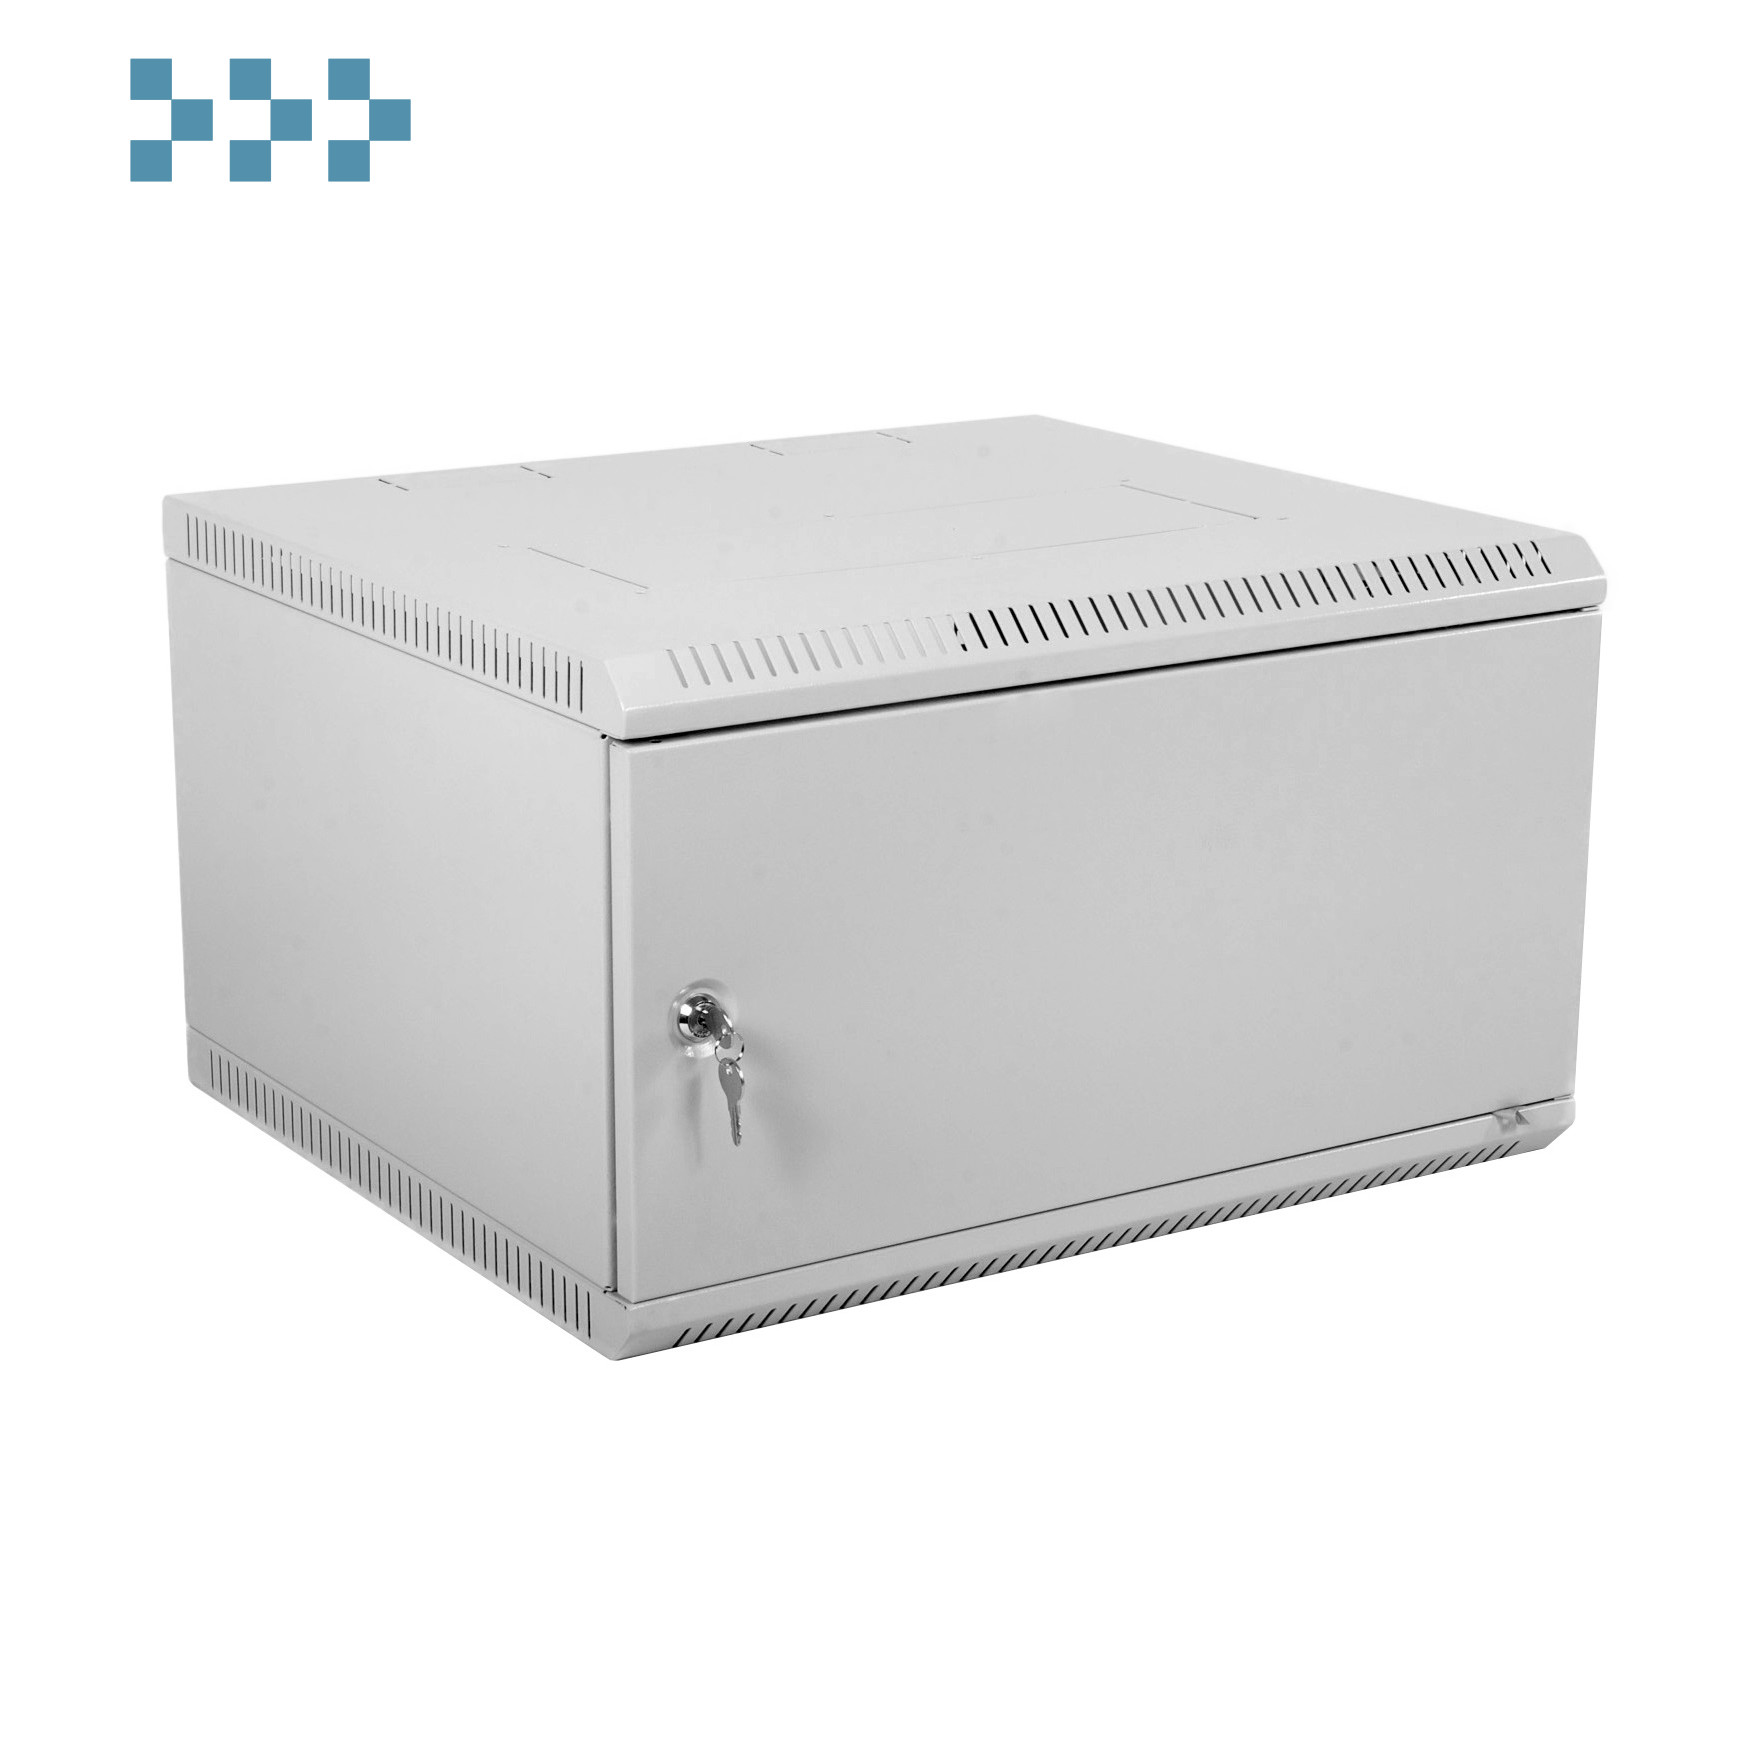 Шкаф телекоммуникационный настенный разборный 9U ЦМО ШРН-Э-9.350.1